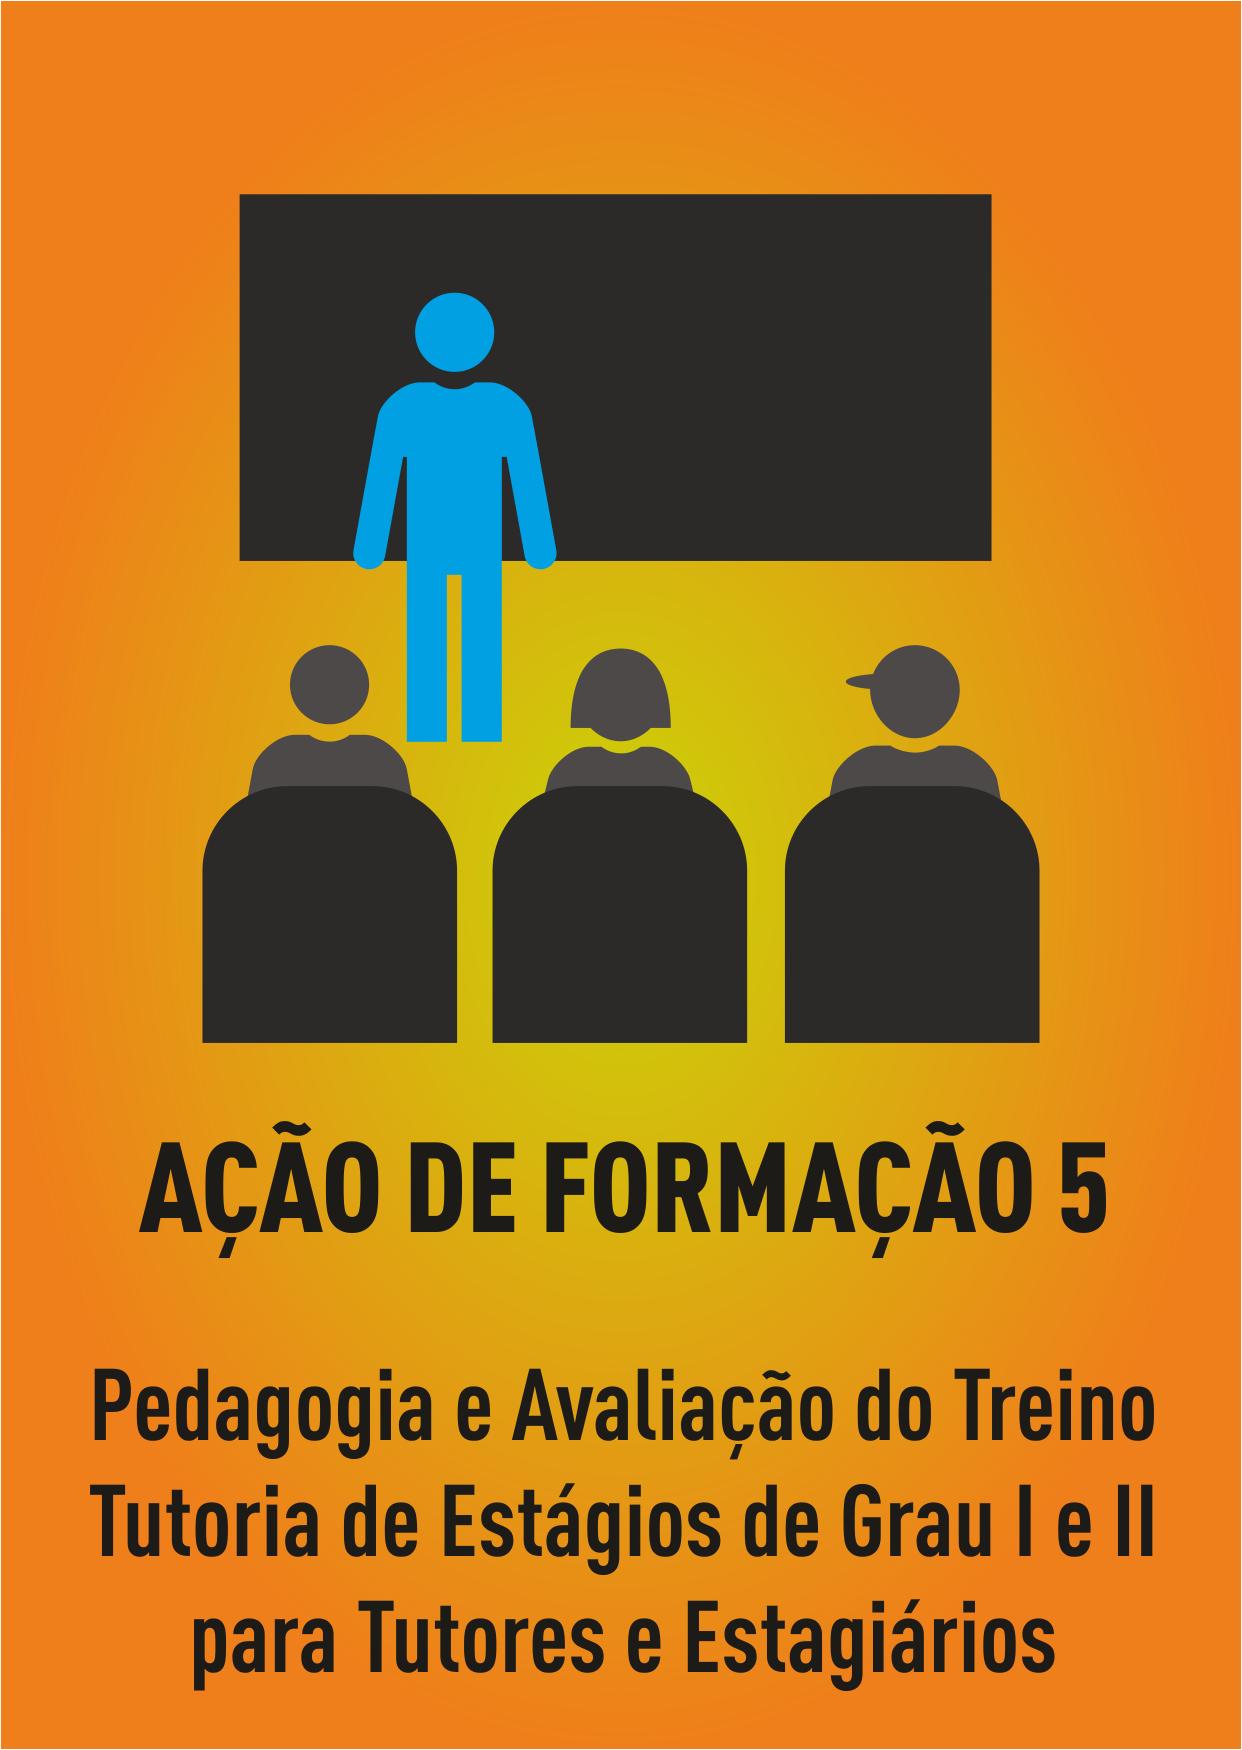 Ação Formação 5 - PEDAGOGIA E AVALIAÇÃO DO TREINO - TUTORIA DE ESTÁGIOS DE GRAU I E II PARA TUTORES E ESTAGIÁRIOS